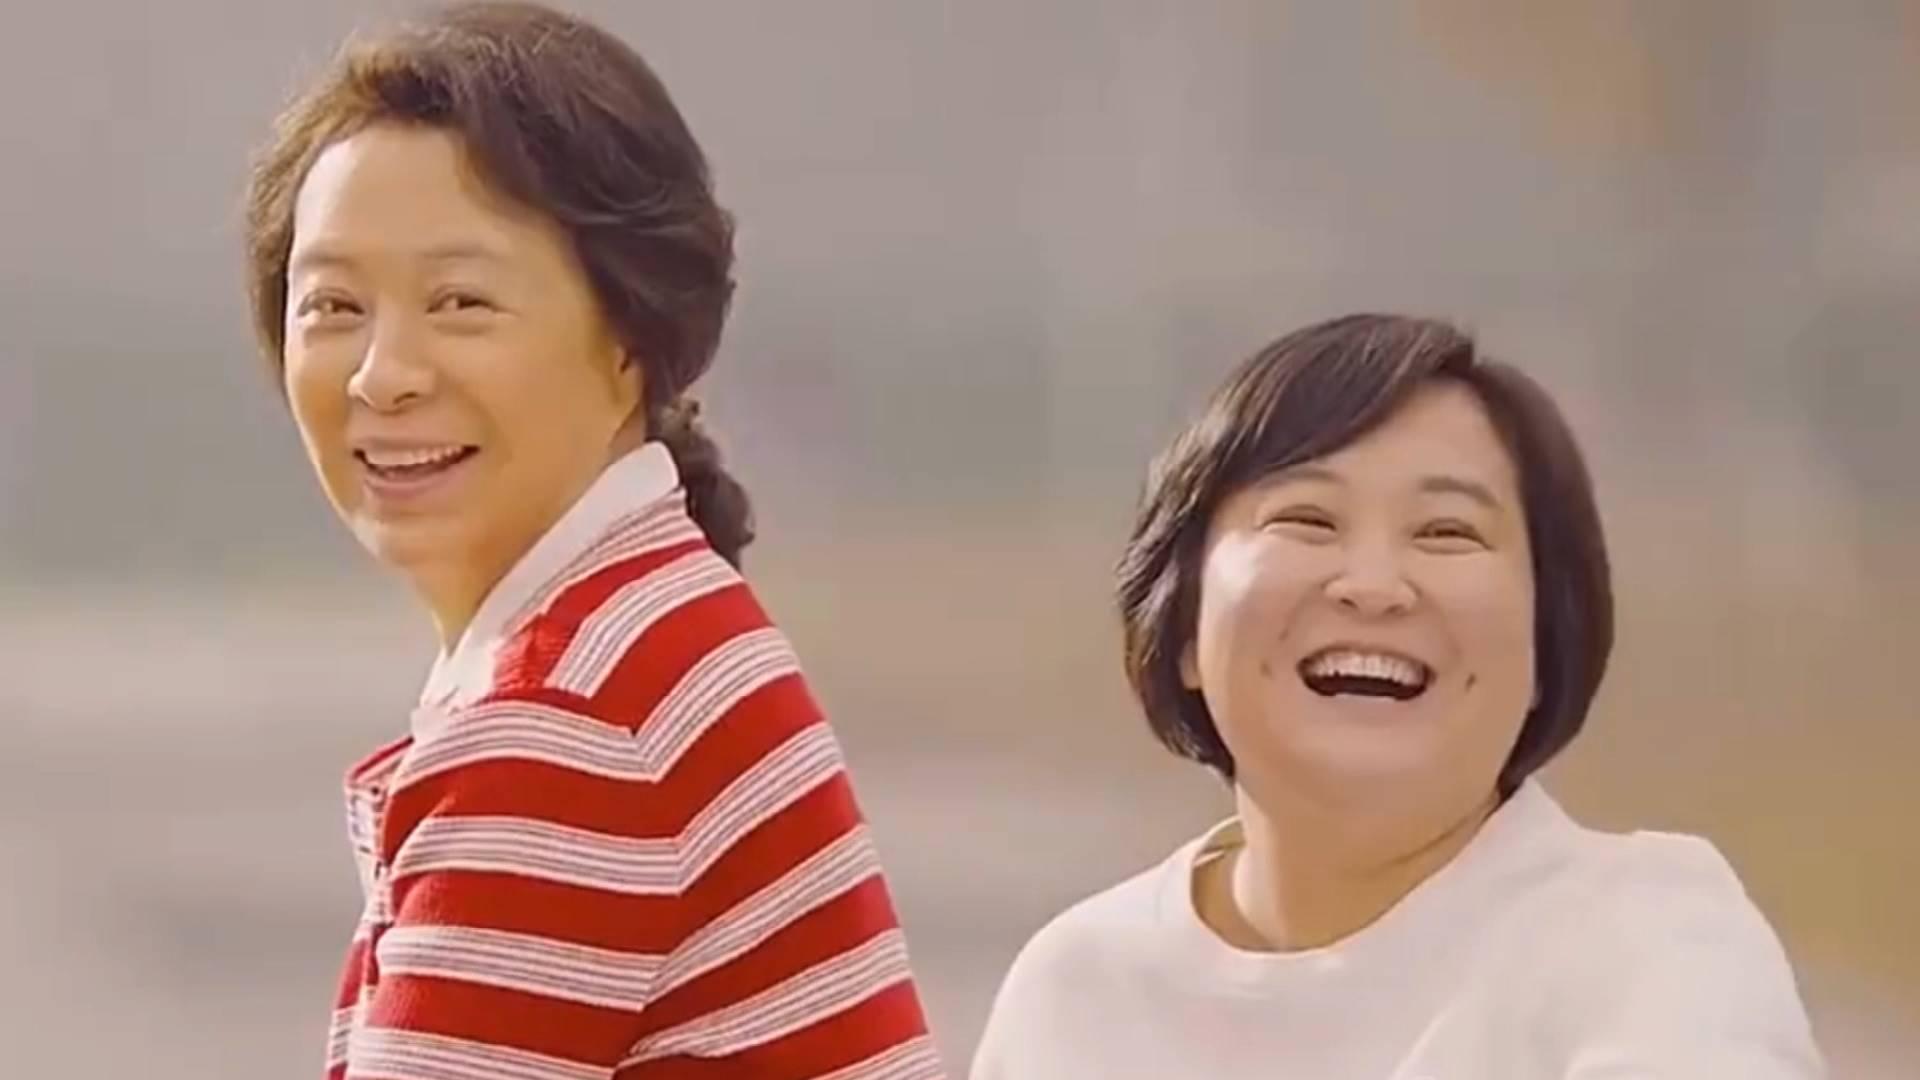 63秒|把中国故事讲给世界听 《你好,李焕英》即将全球上映